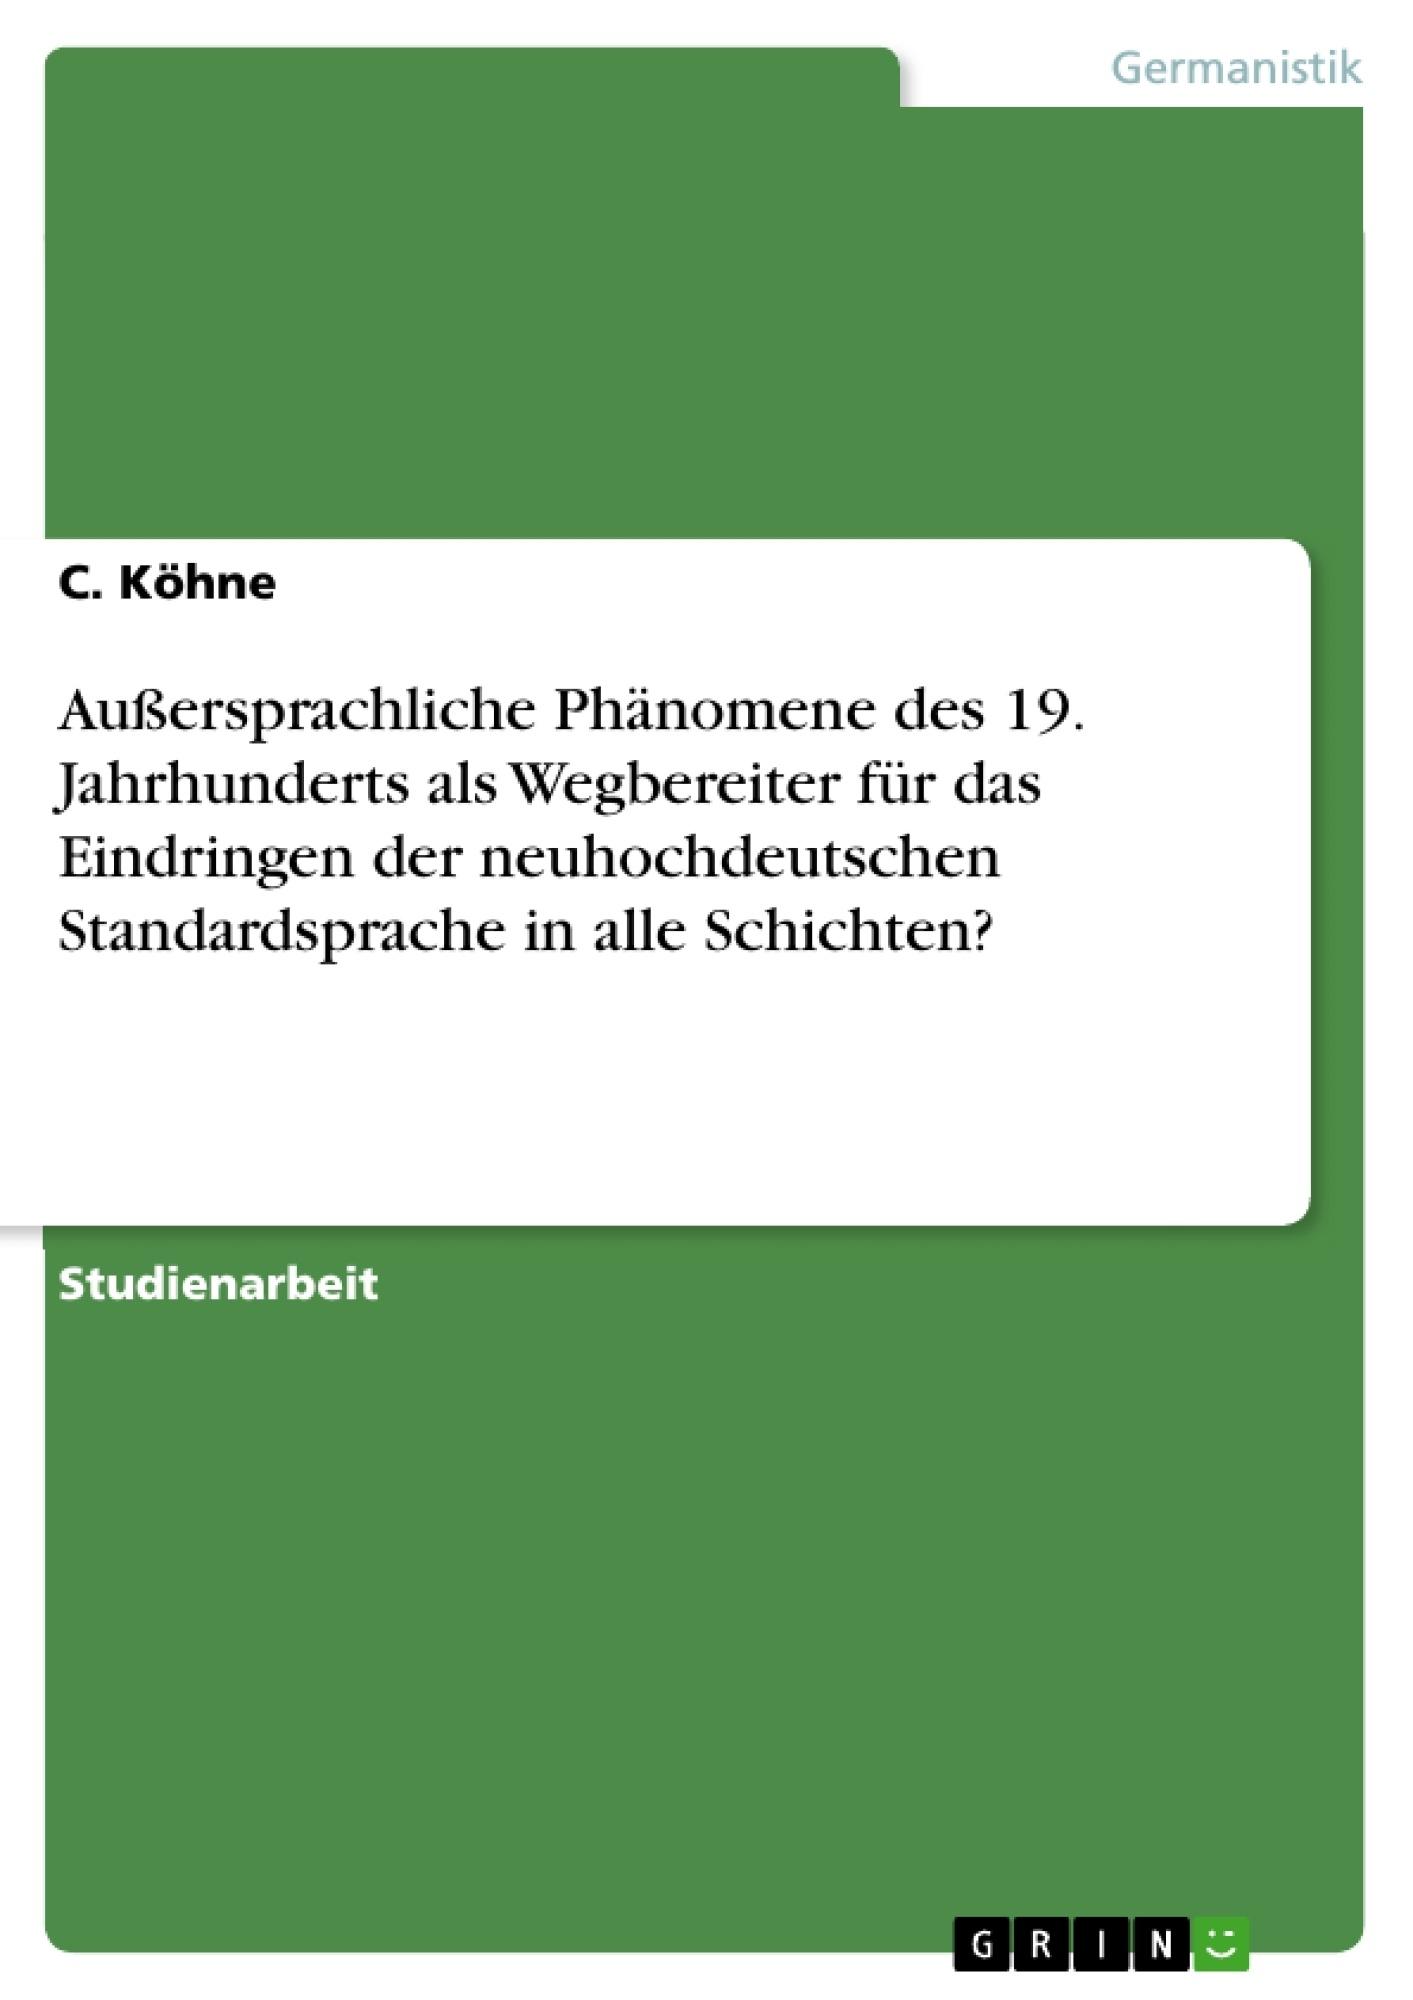 Titel: Außersprachliche Phänomene des 19. Jahrhunderts als Wegbereiter für das Eindringen der neuhochdeutschen Standardsprache in alle Schichten?